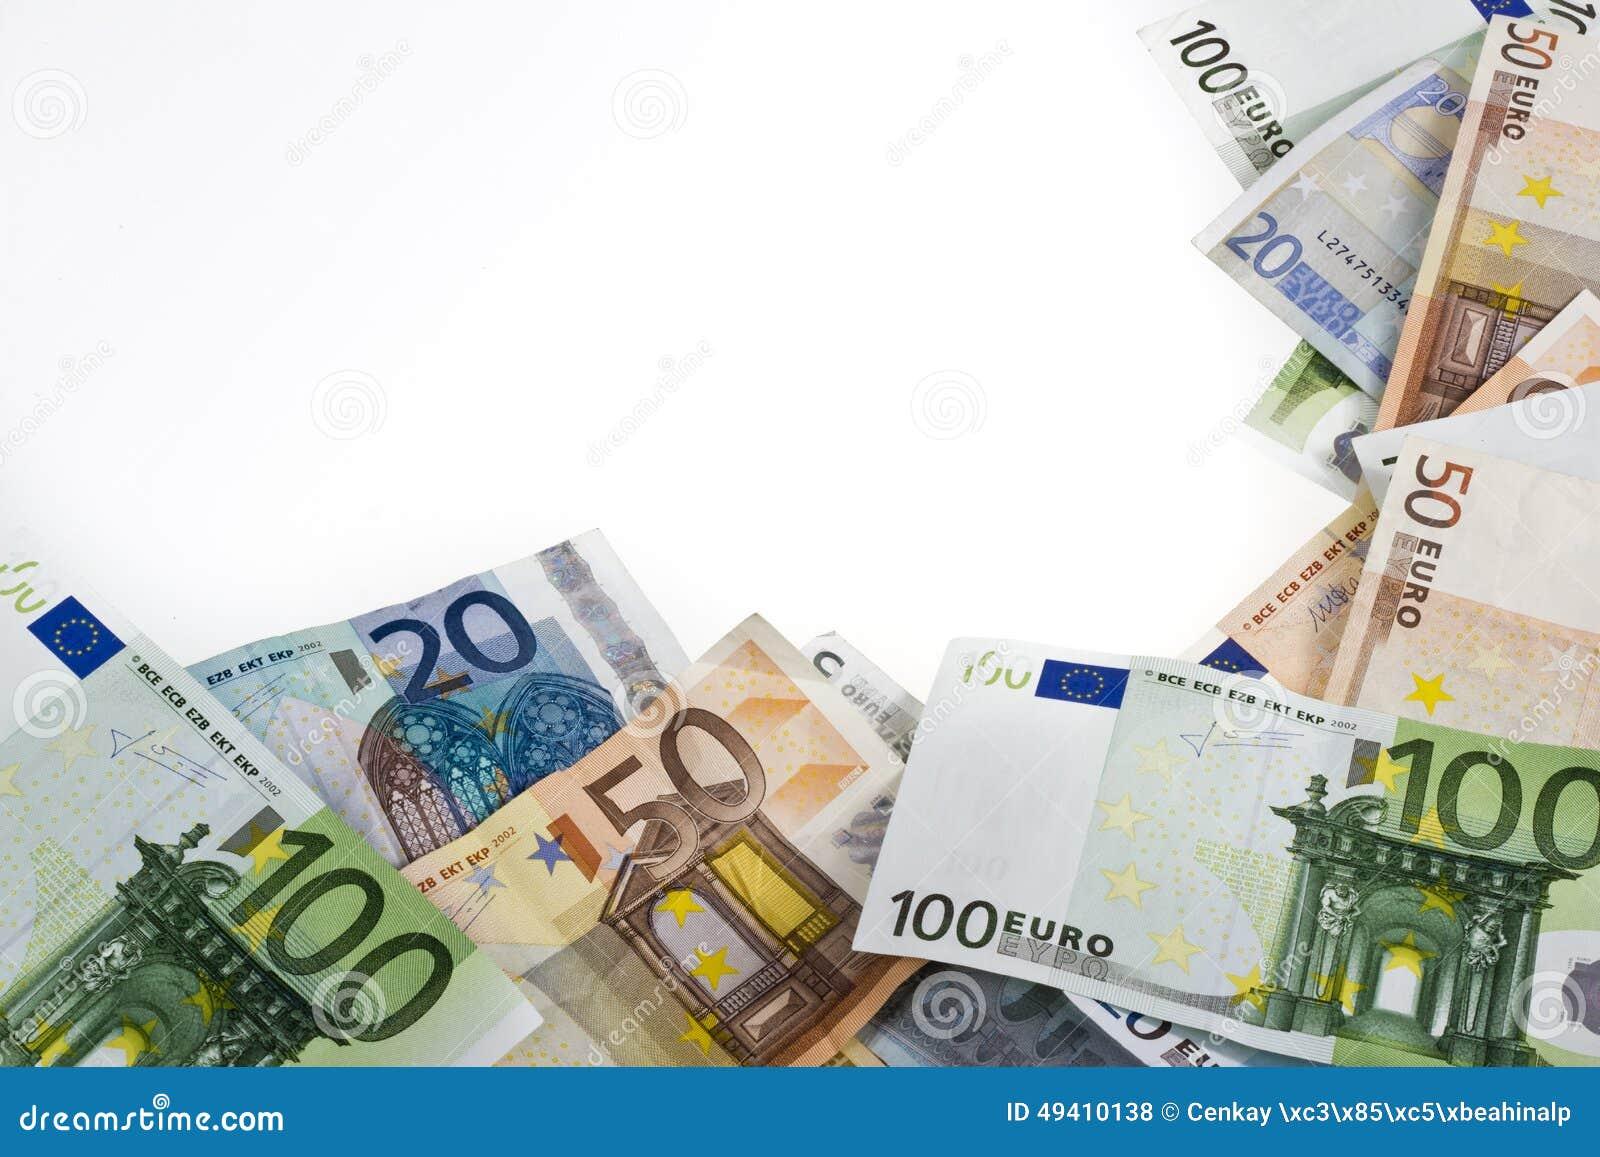 Download Eurobanknoten über Weiß stockfoto. Bild von euro, europäisch - 49410138